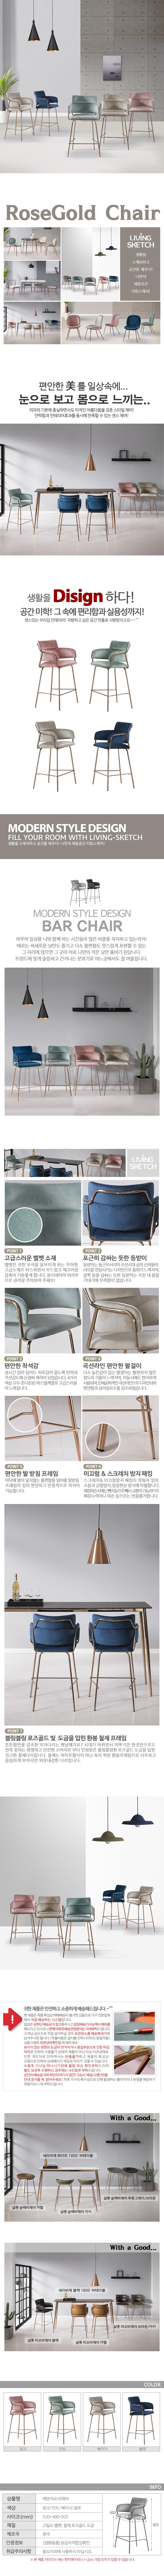 리빙스케치 에덴 피오 슬림 홈바체어 빠 카페의자 - 리빙스케치2, 104,000원, 디자인 의자, 바의자